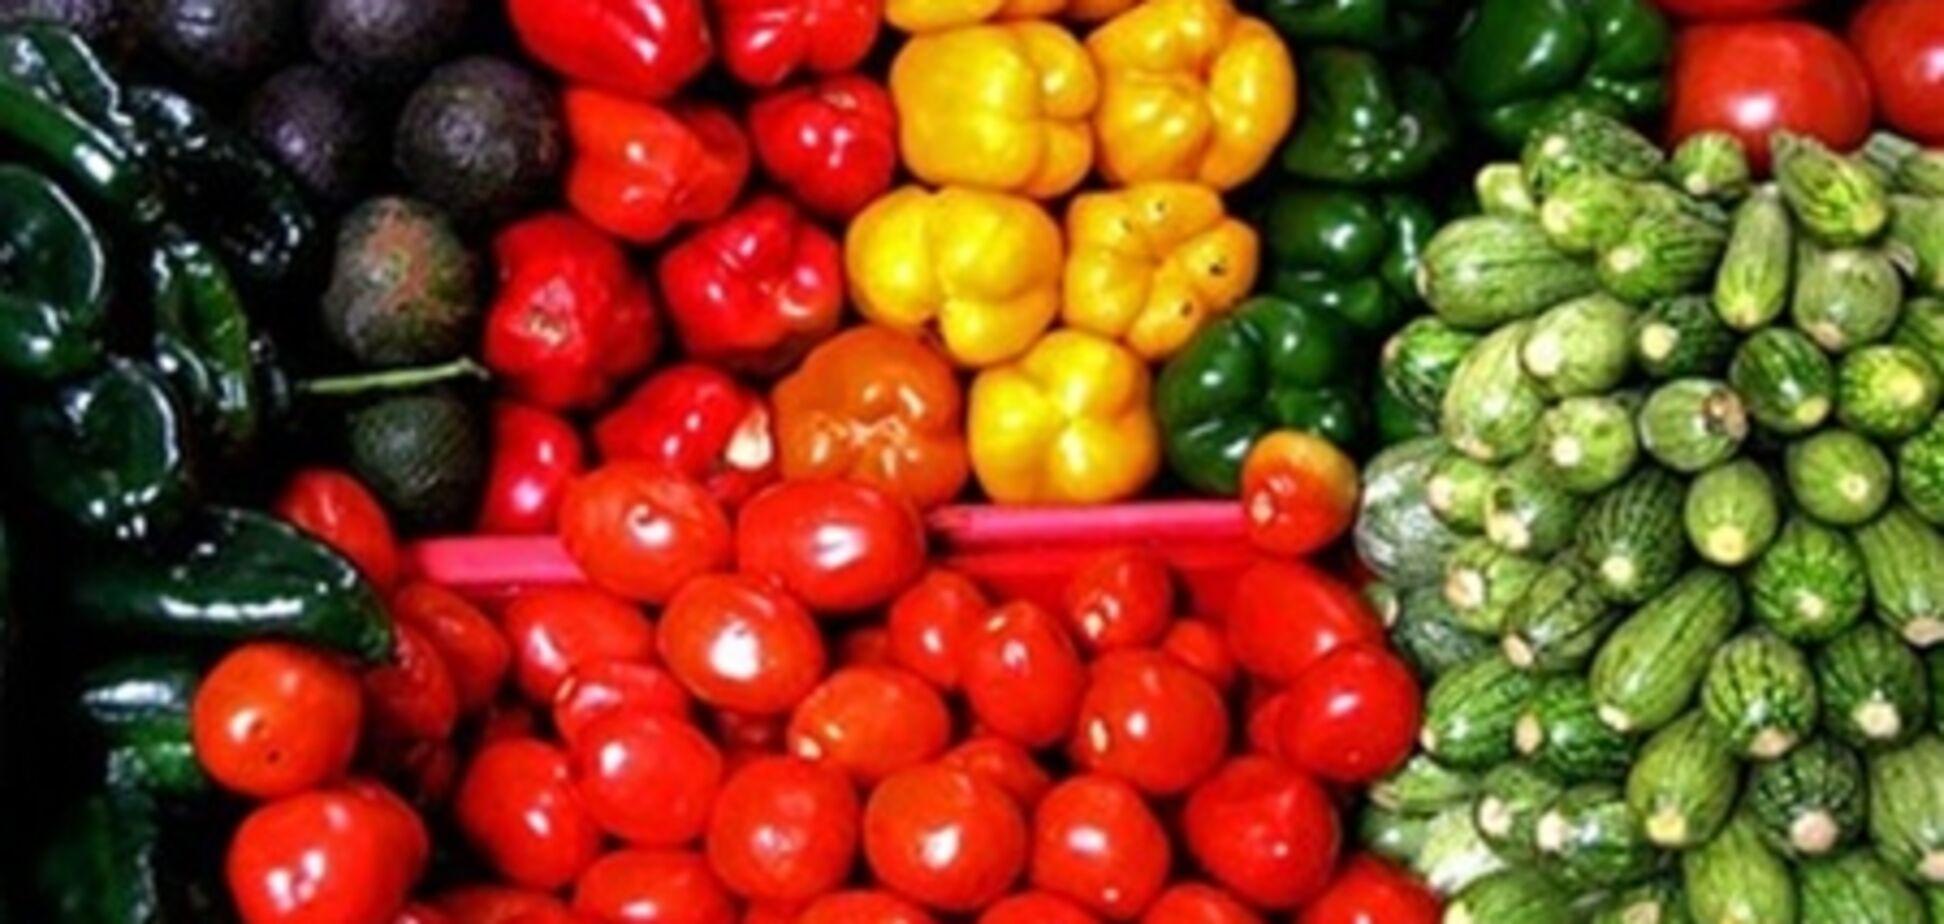 Химикаты в продуктах разрушают эндокринную систему – ВОЗ